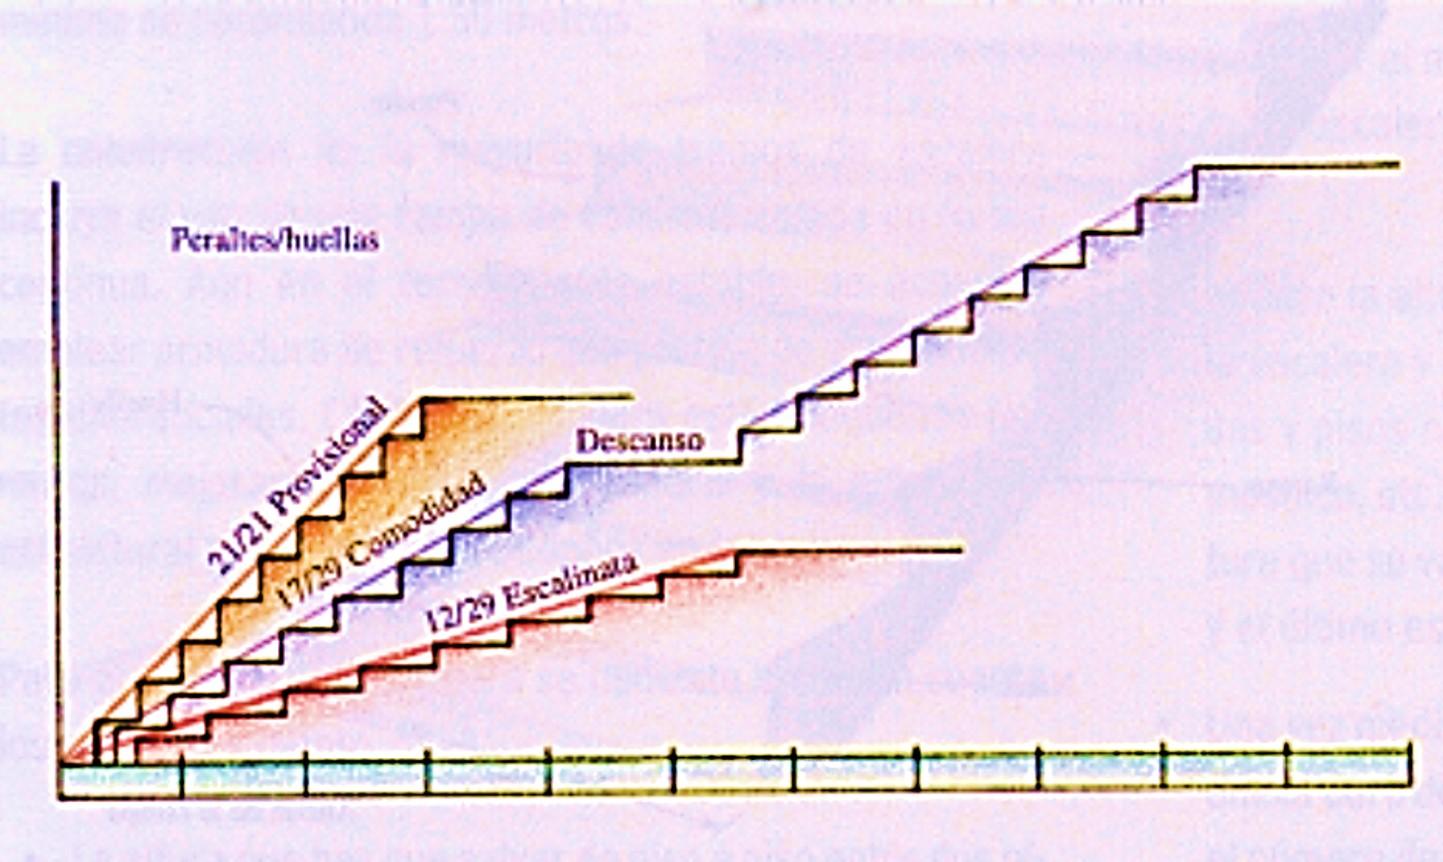 Dise o de la escalera de concreto armado inforcivil for Planos de escaleras de concreto armado